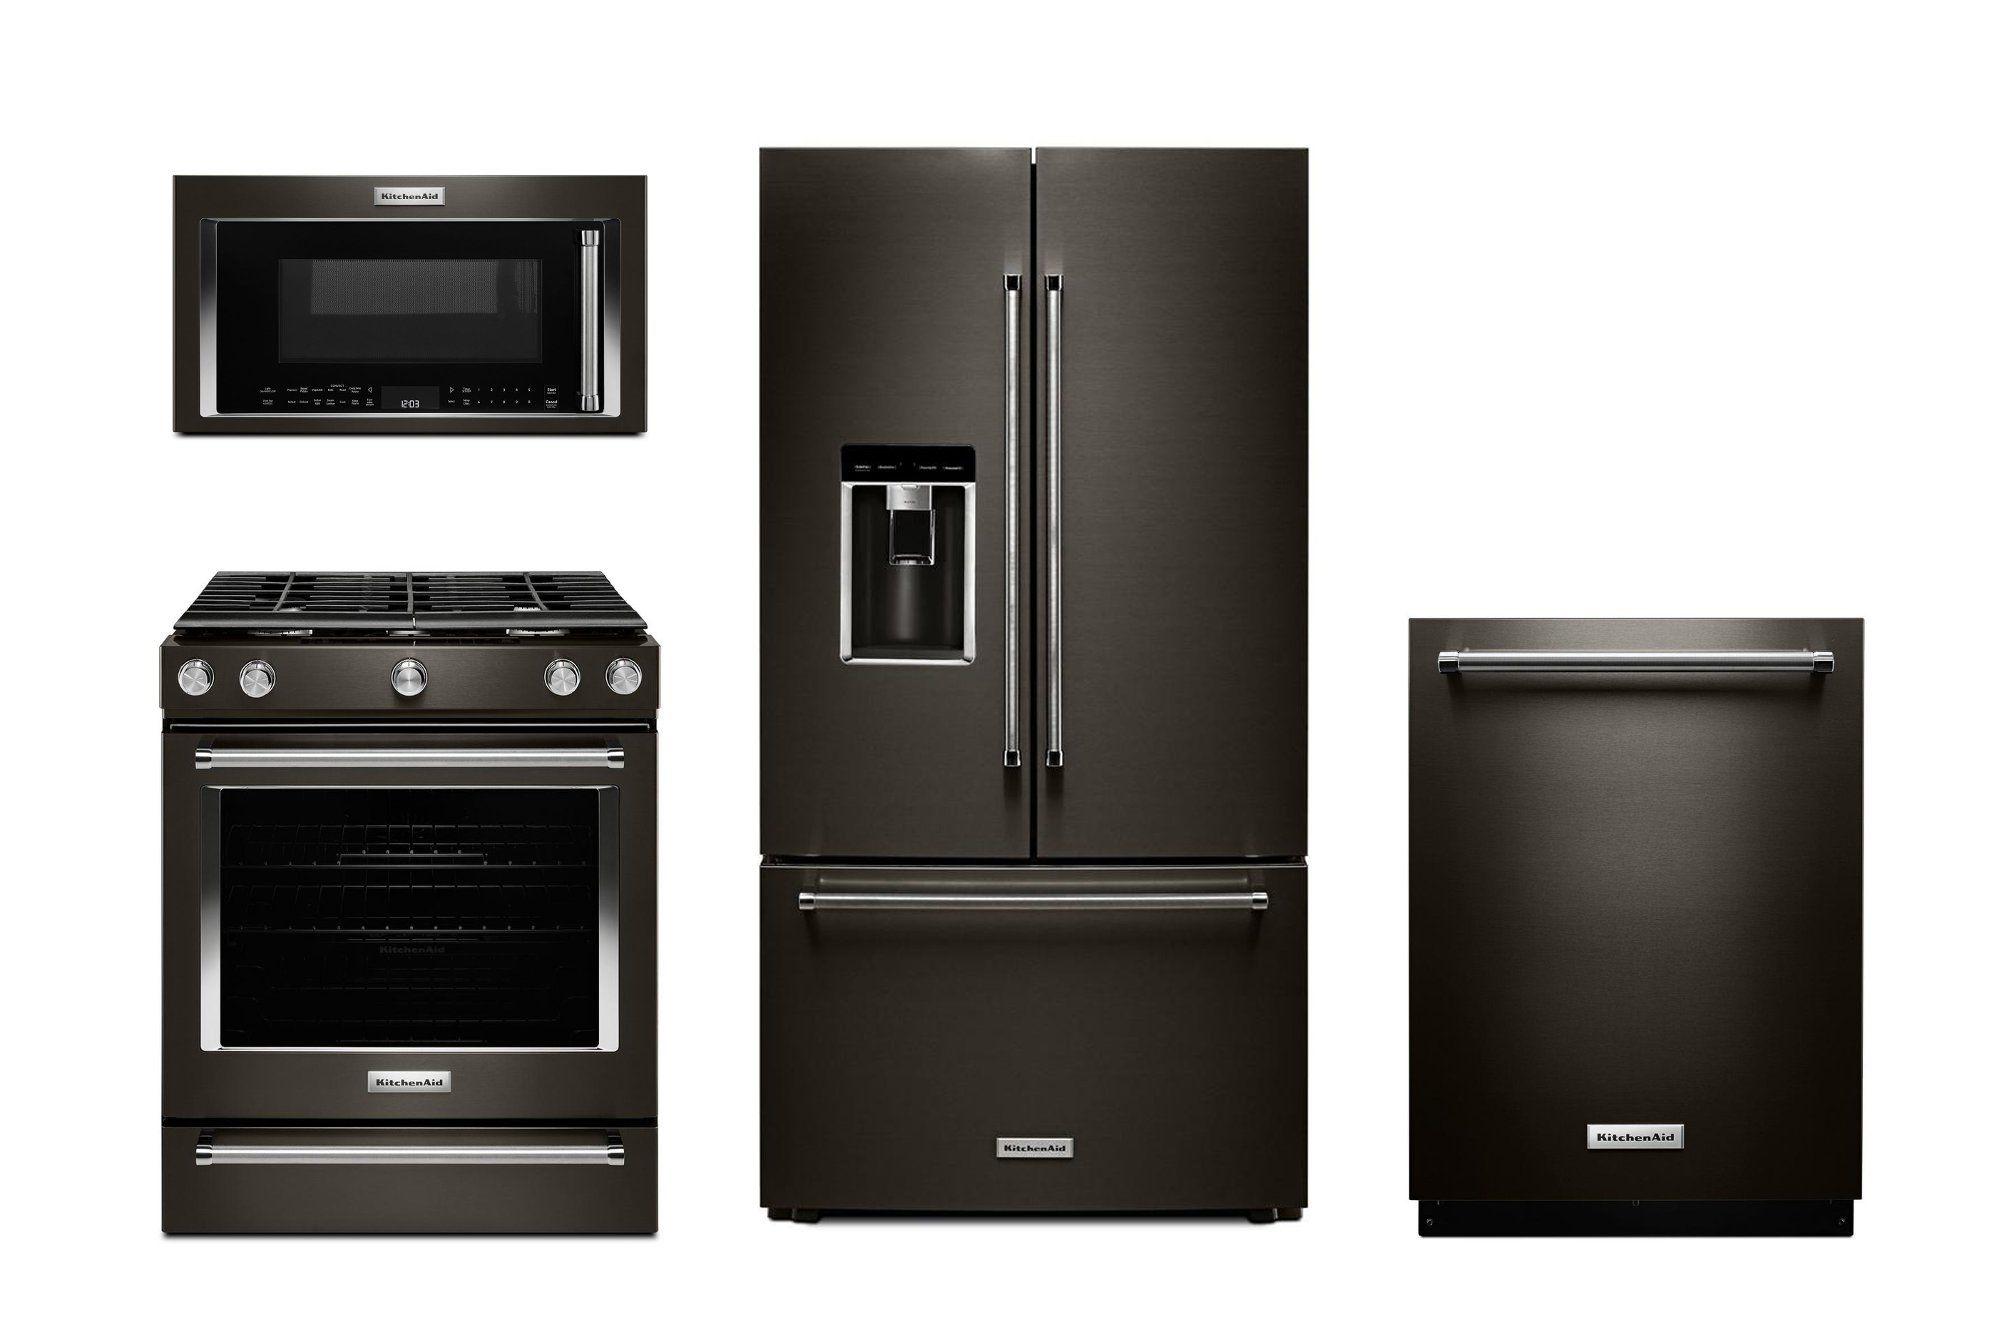 KitchenAid 4 Piece Kitchen Appliance Package with Gas Range ...